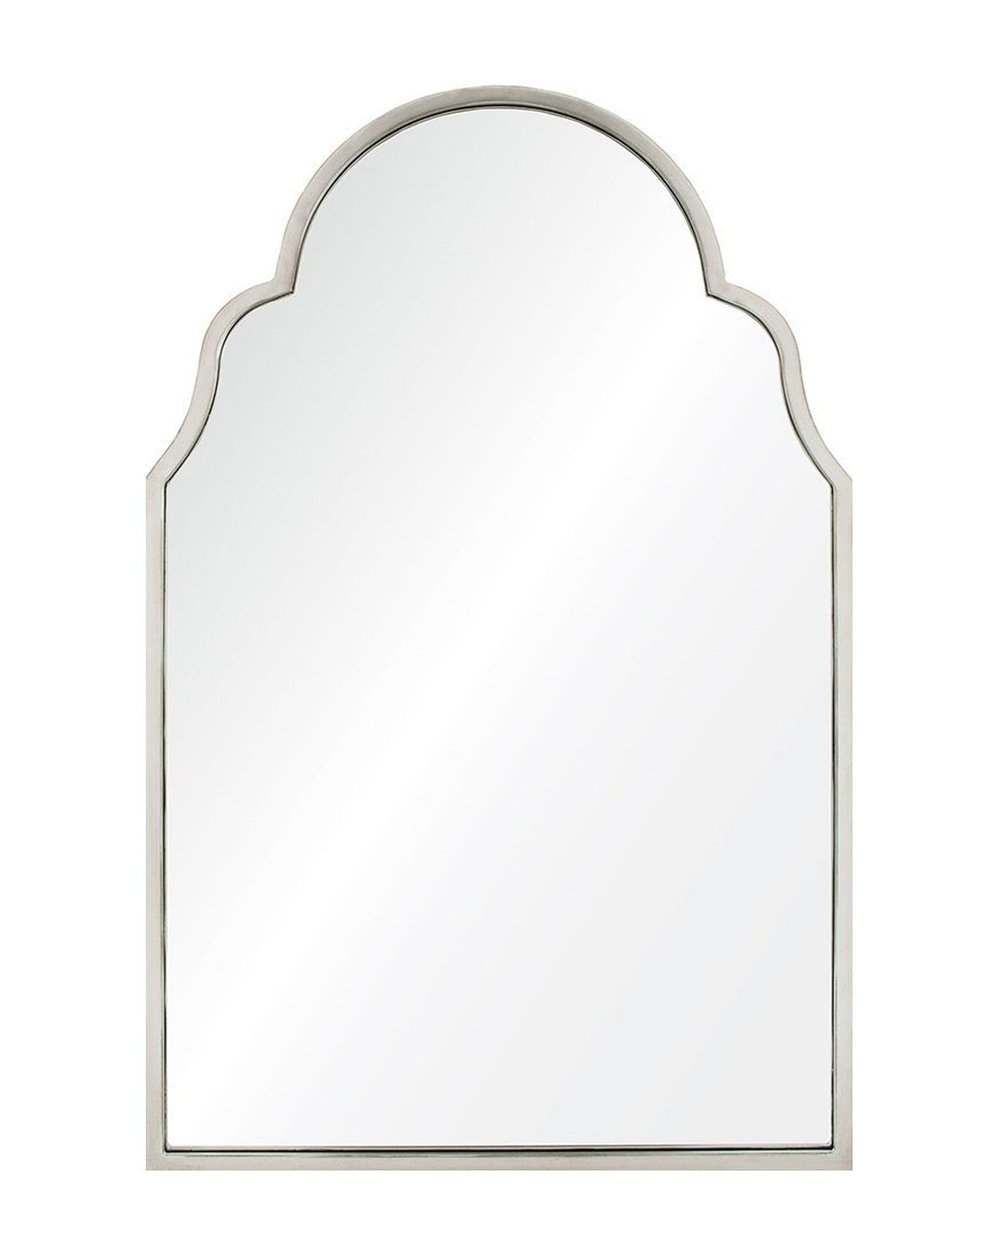 Piaf_Mirror_2.jpg